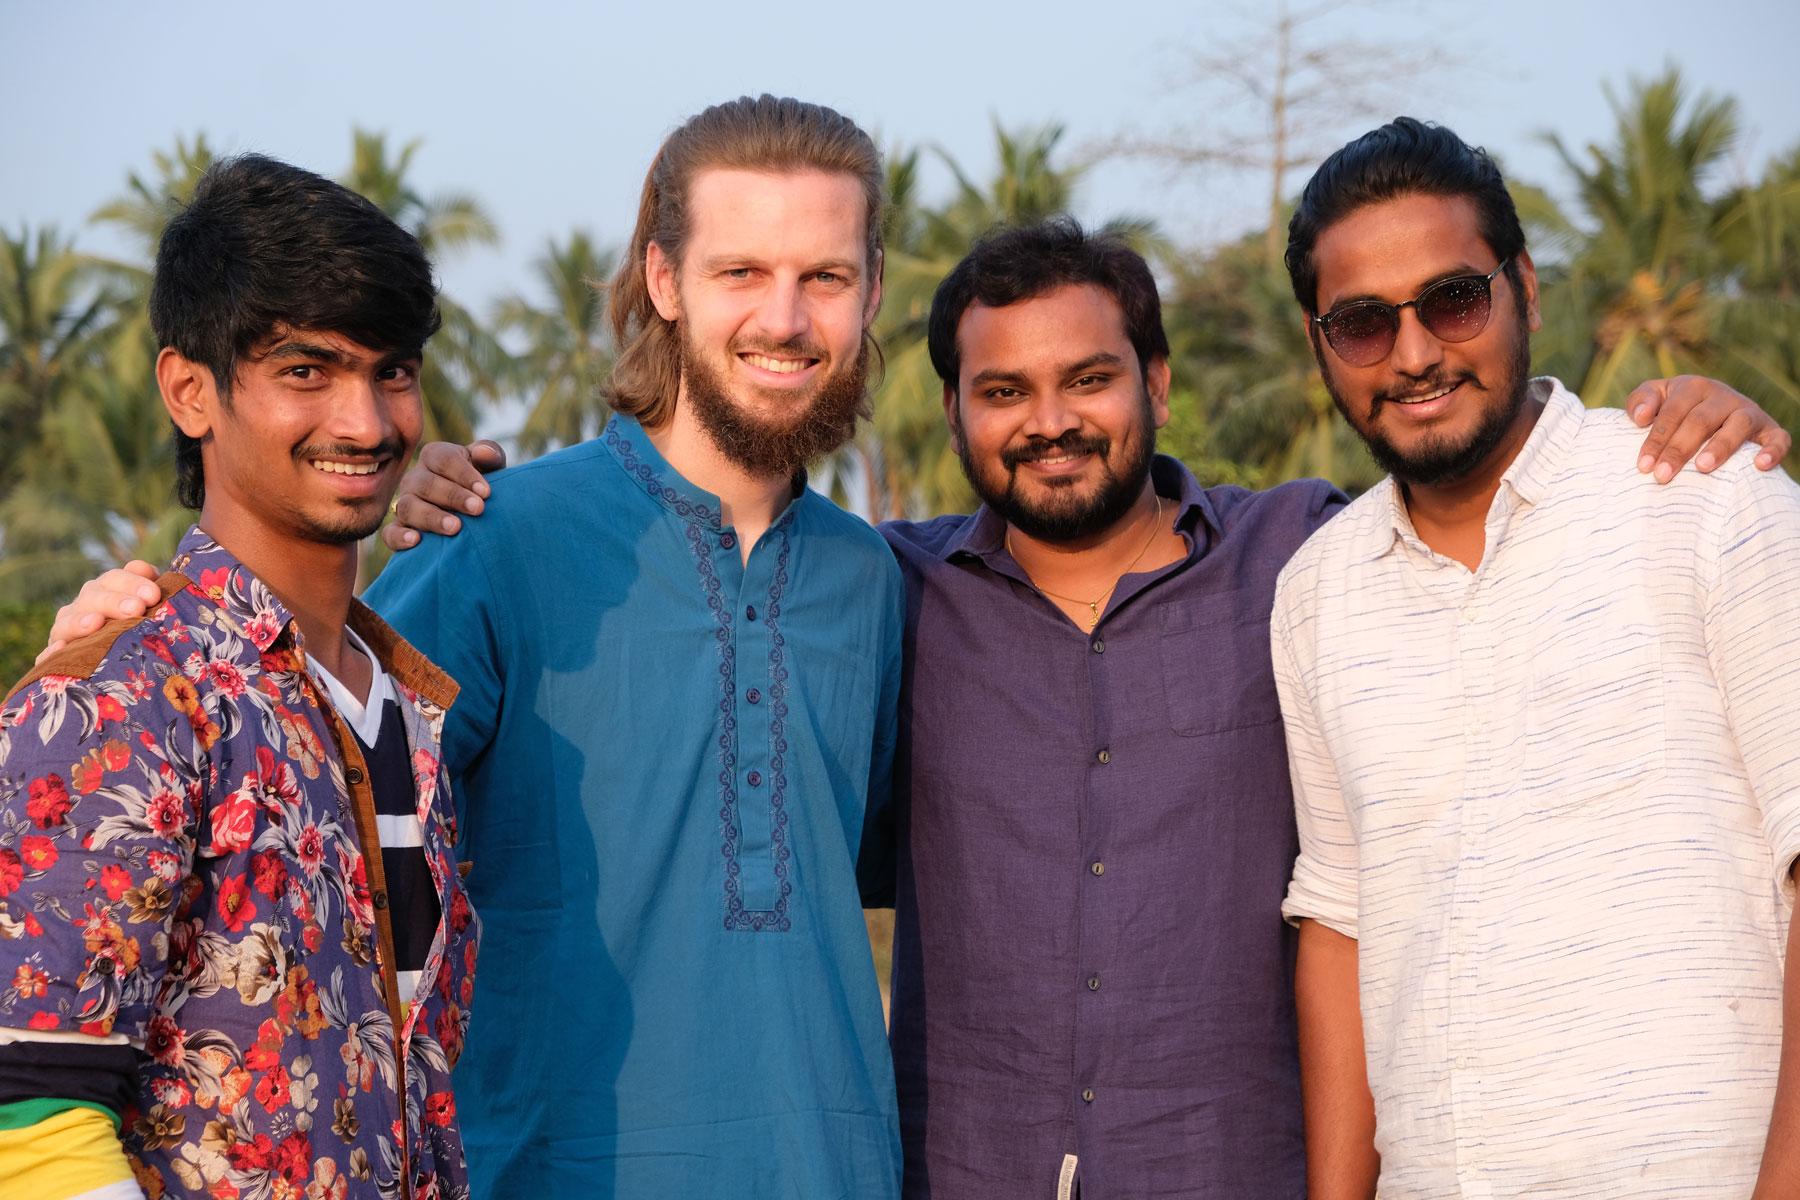 Sebastian mit drei indischen Männern.